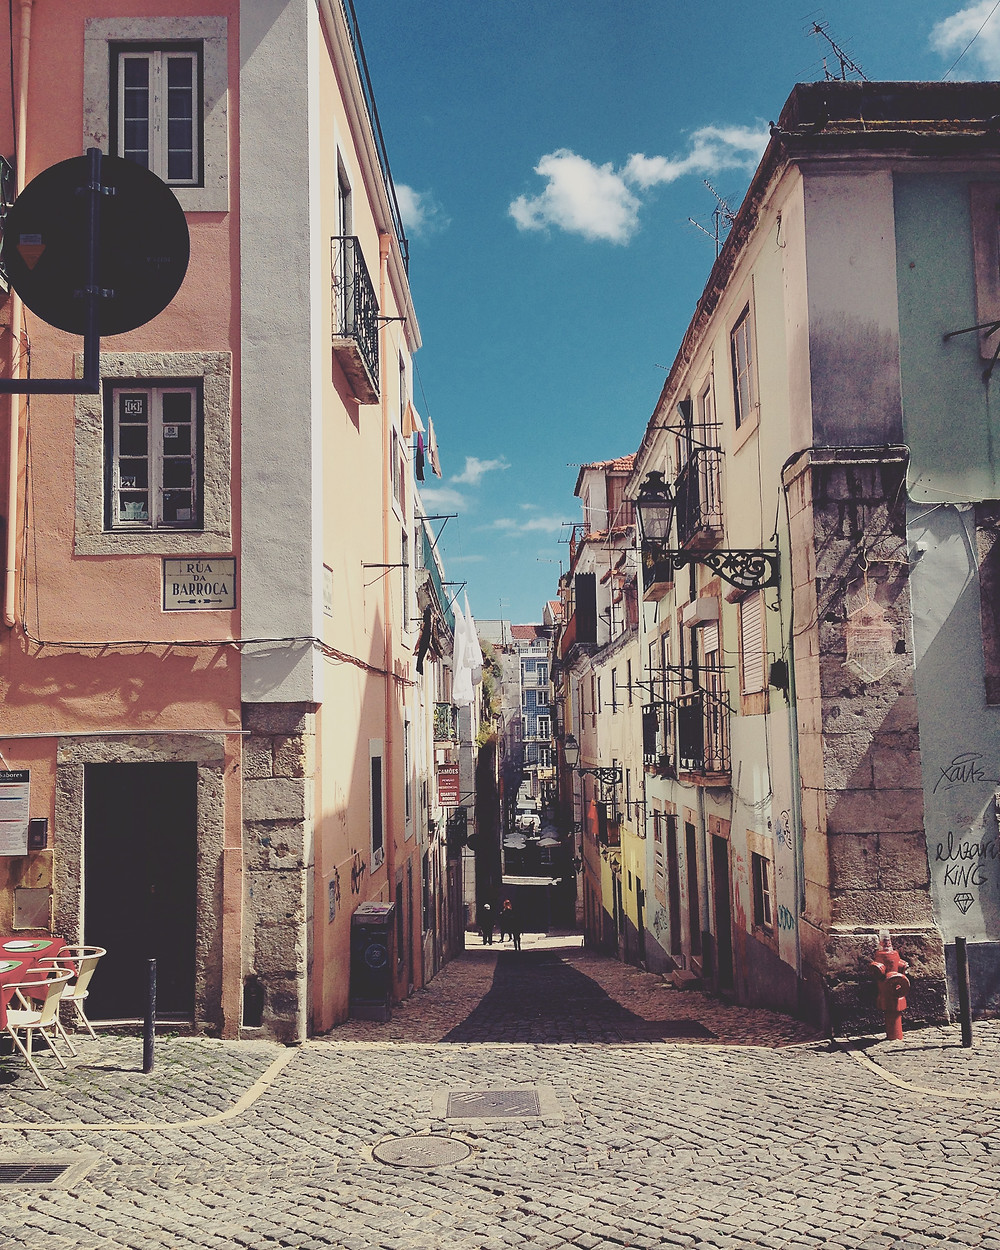 Visite guidée Lisbonne en français - Voyage à Lisbonne blog